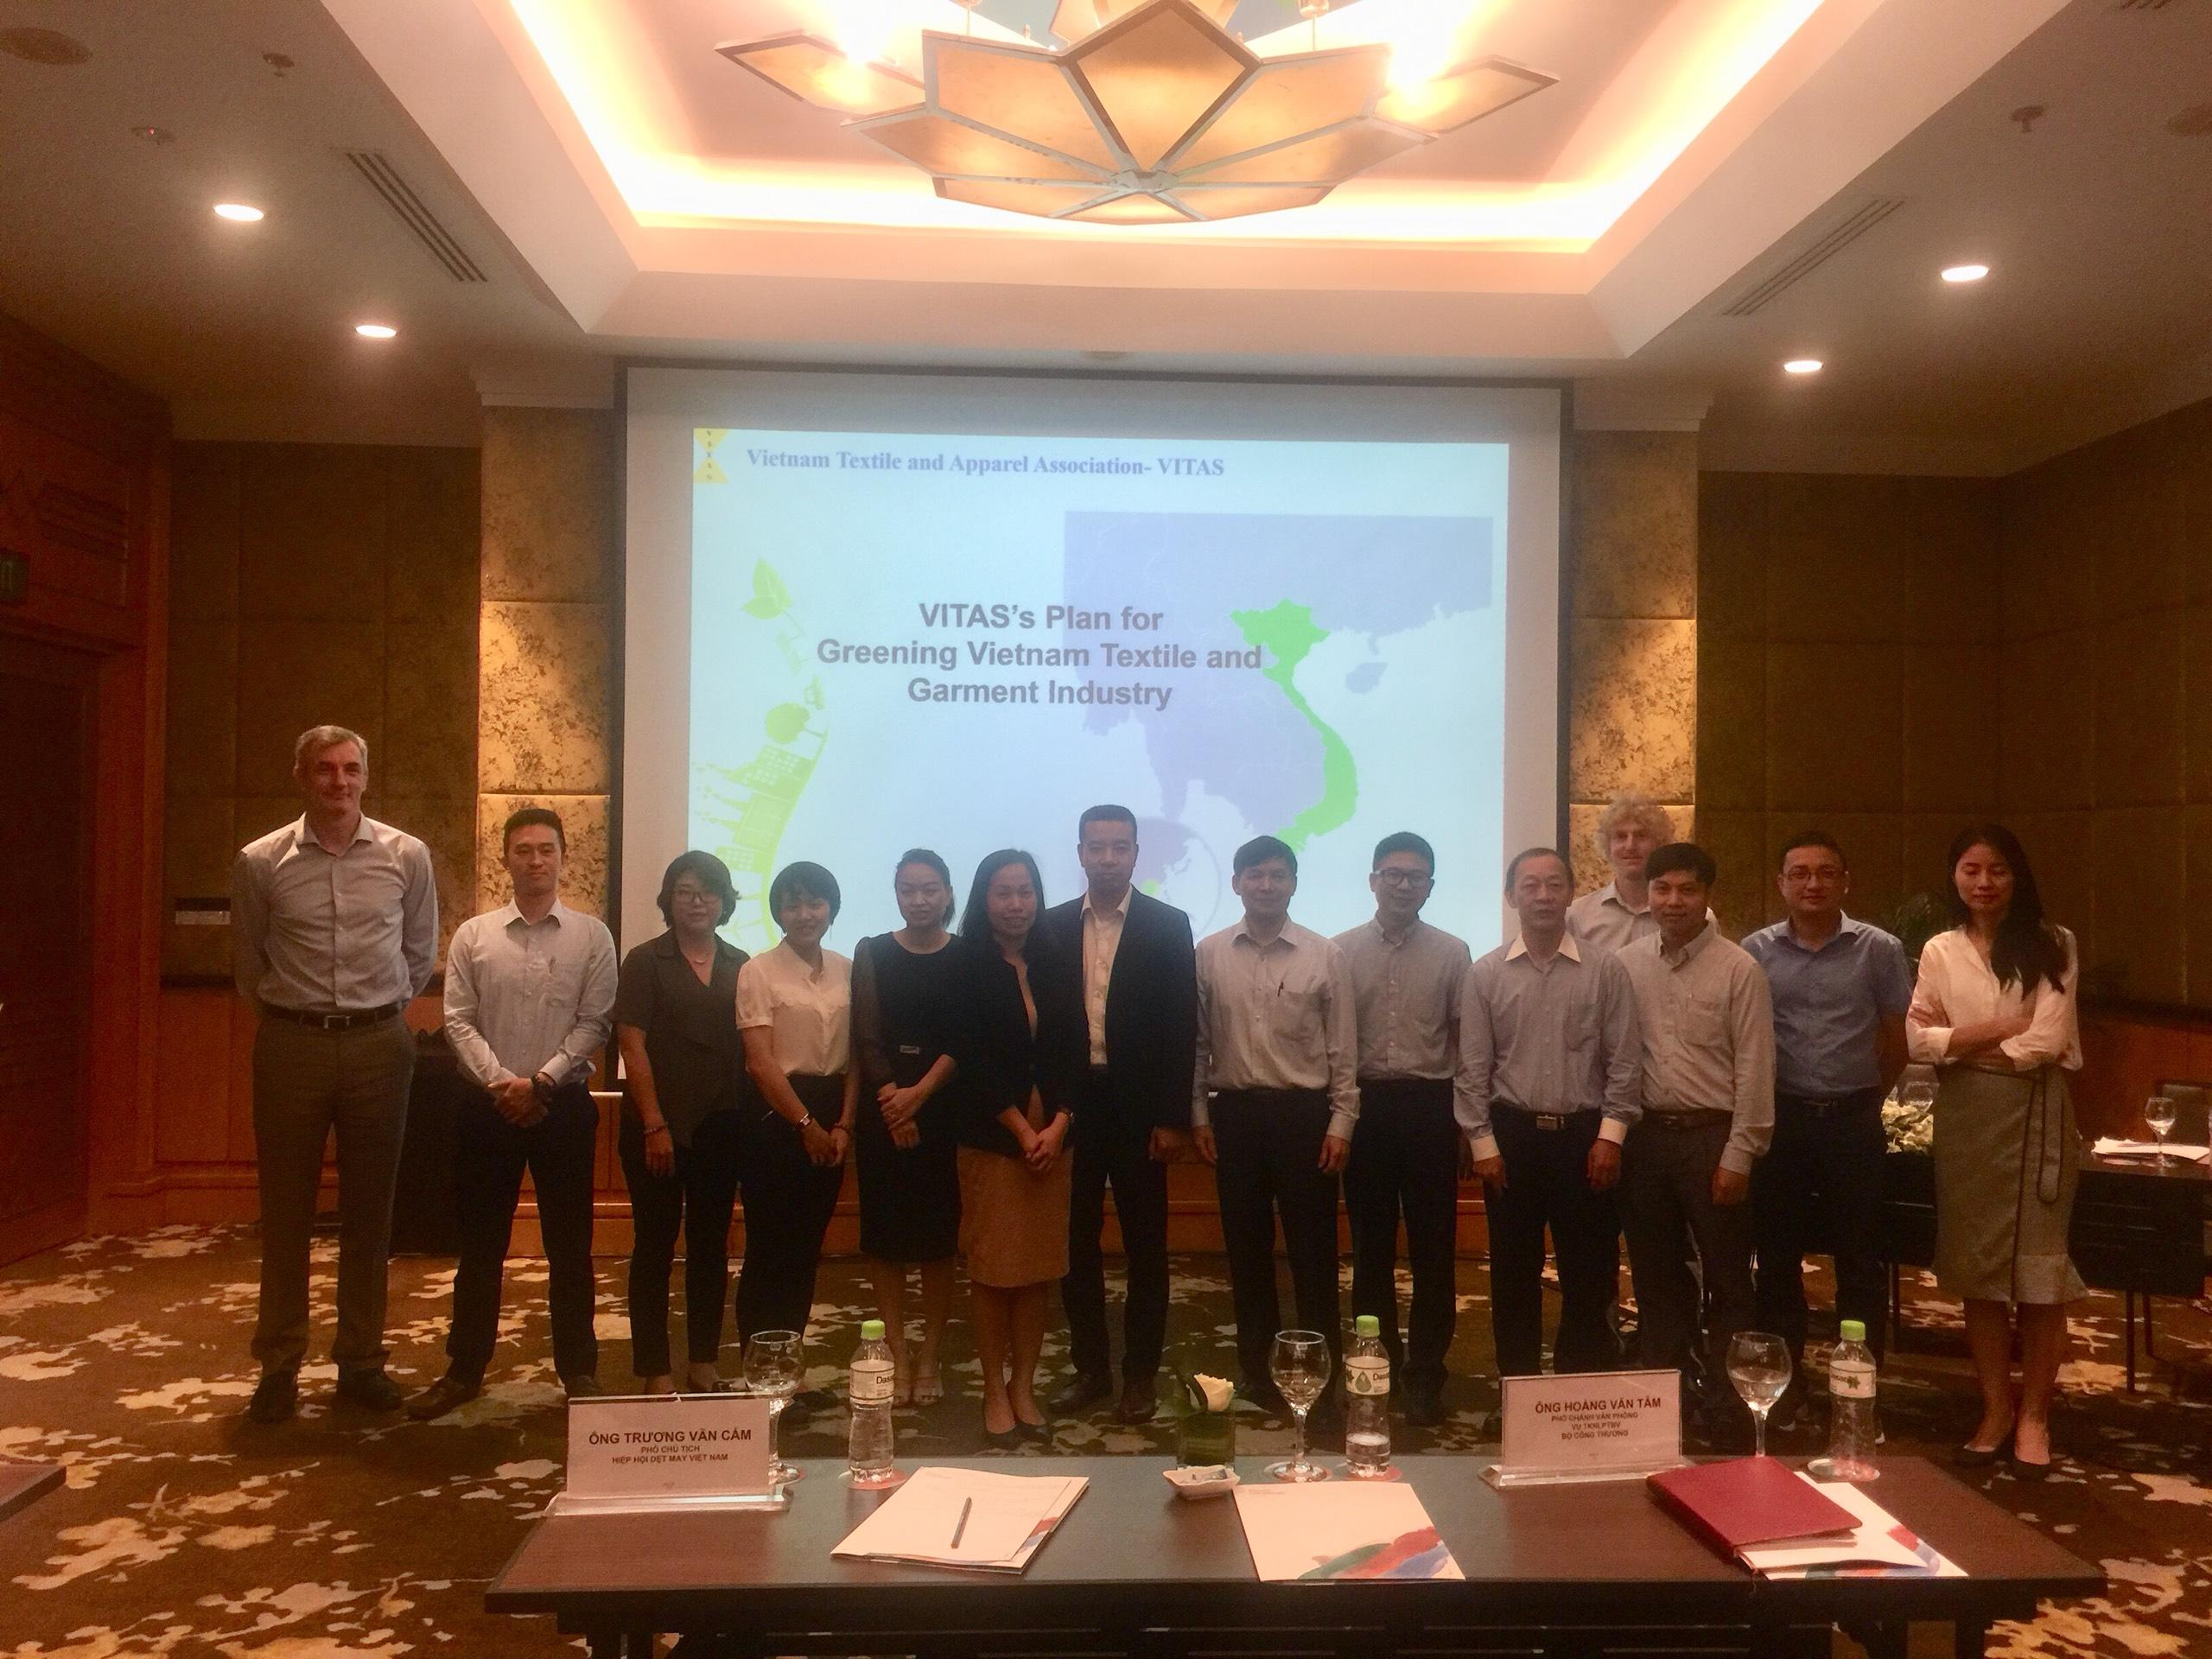 Phiên họp định kỳ Ủy ban Môi trường của VITAS 7/5/2019